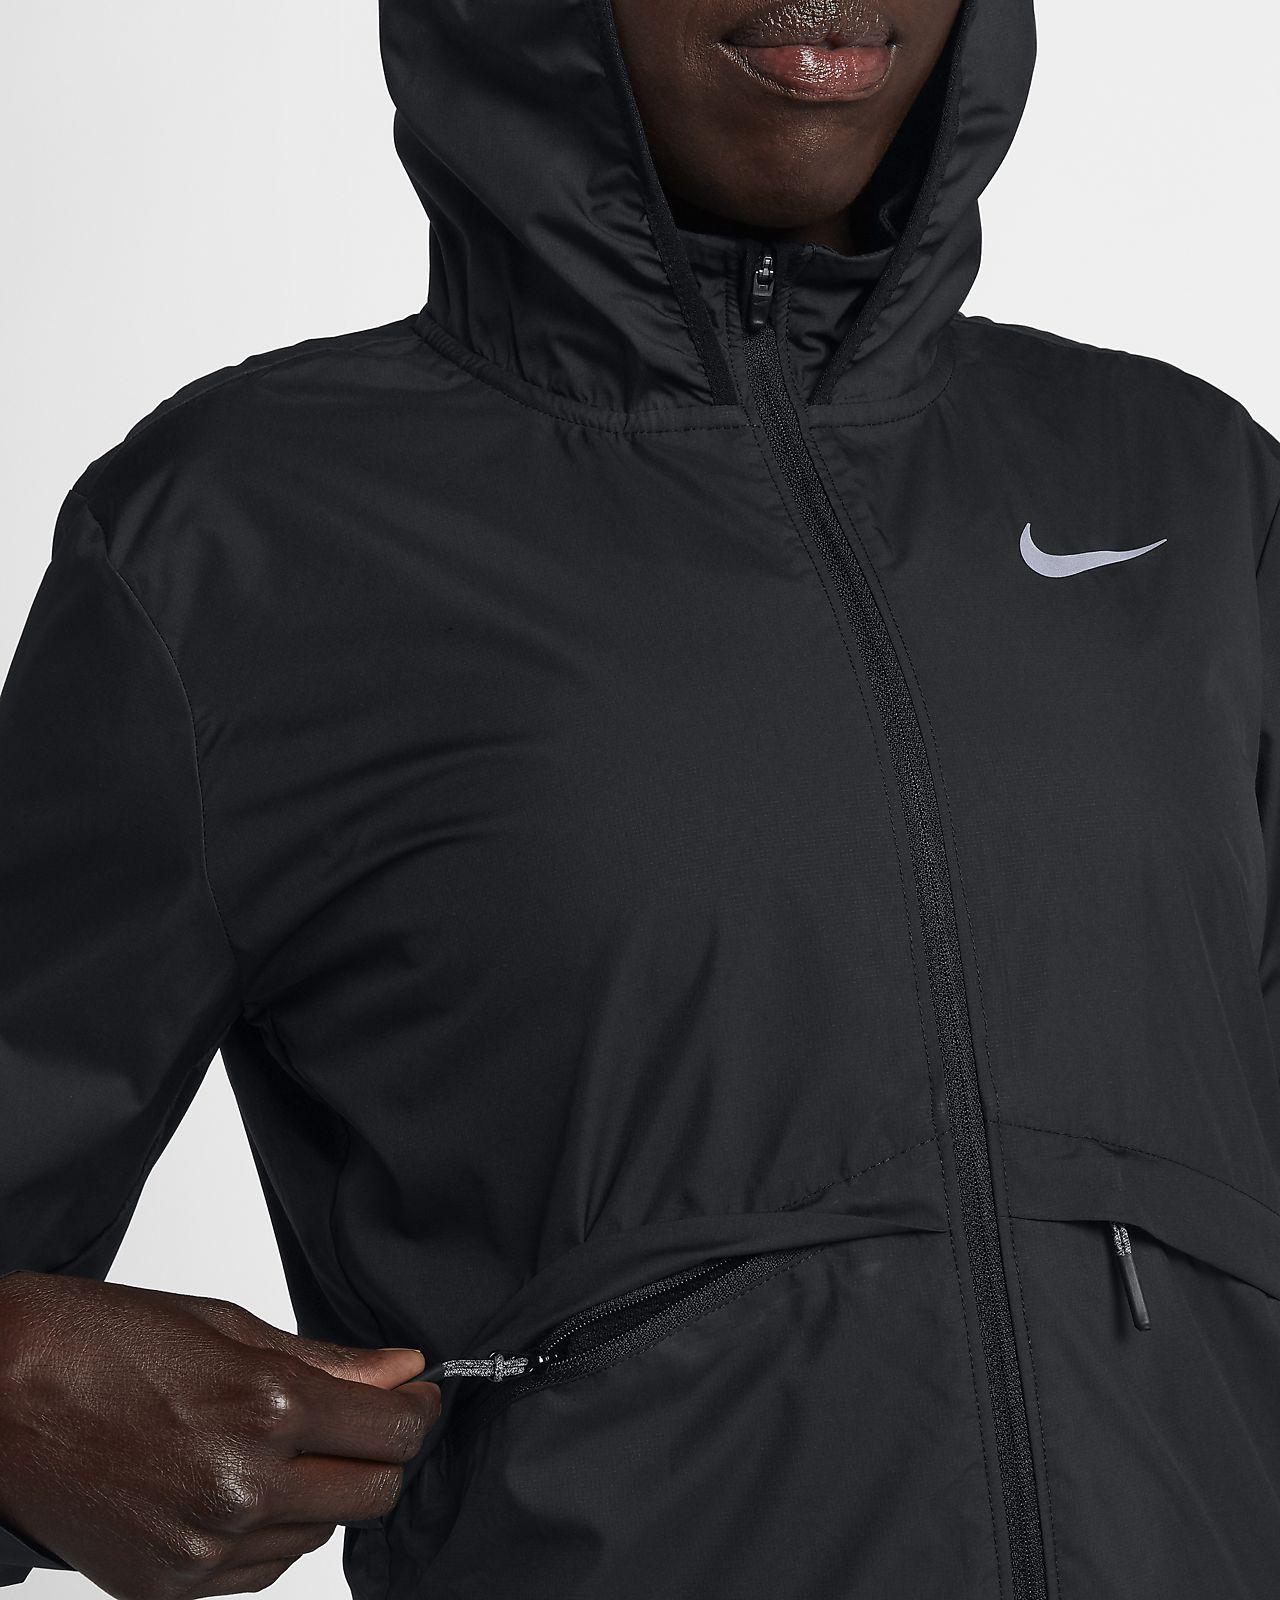 Casaco de running impermeável e dobrável Nike Essential para mulher